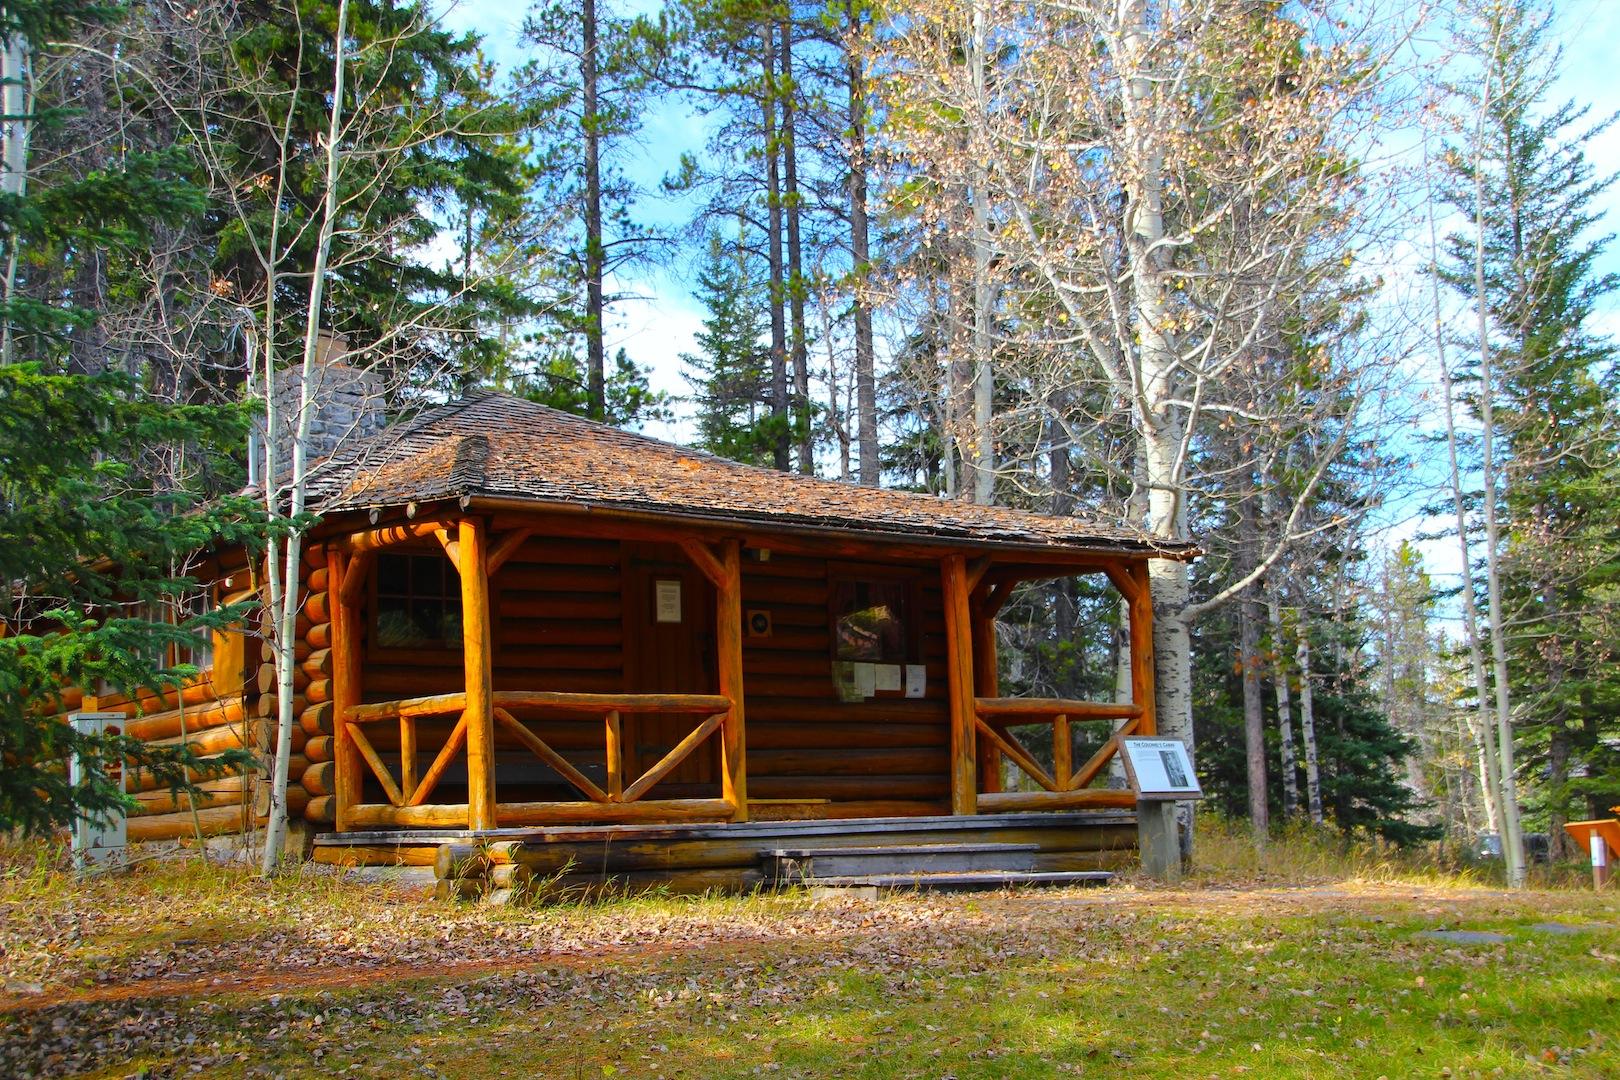 008 - Colonel's Cabin